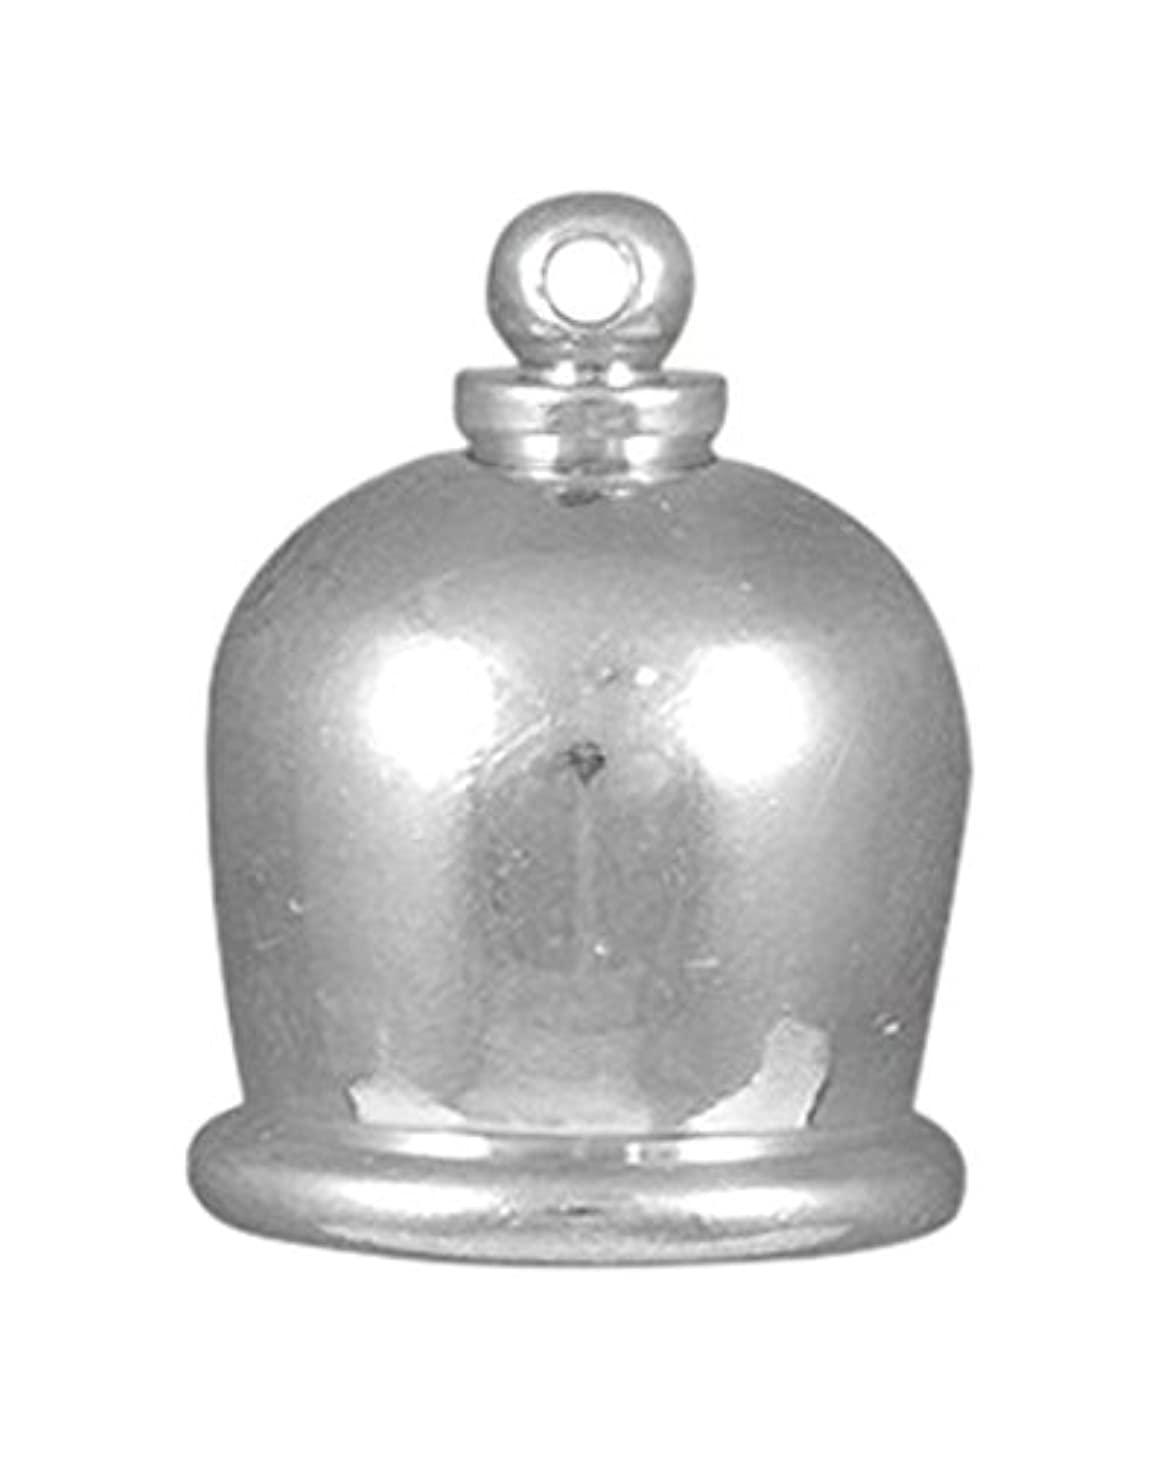 TierraCast Cord End Taj Beads, 10mm Inner Diameter/17mm, Bright Rhodium